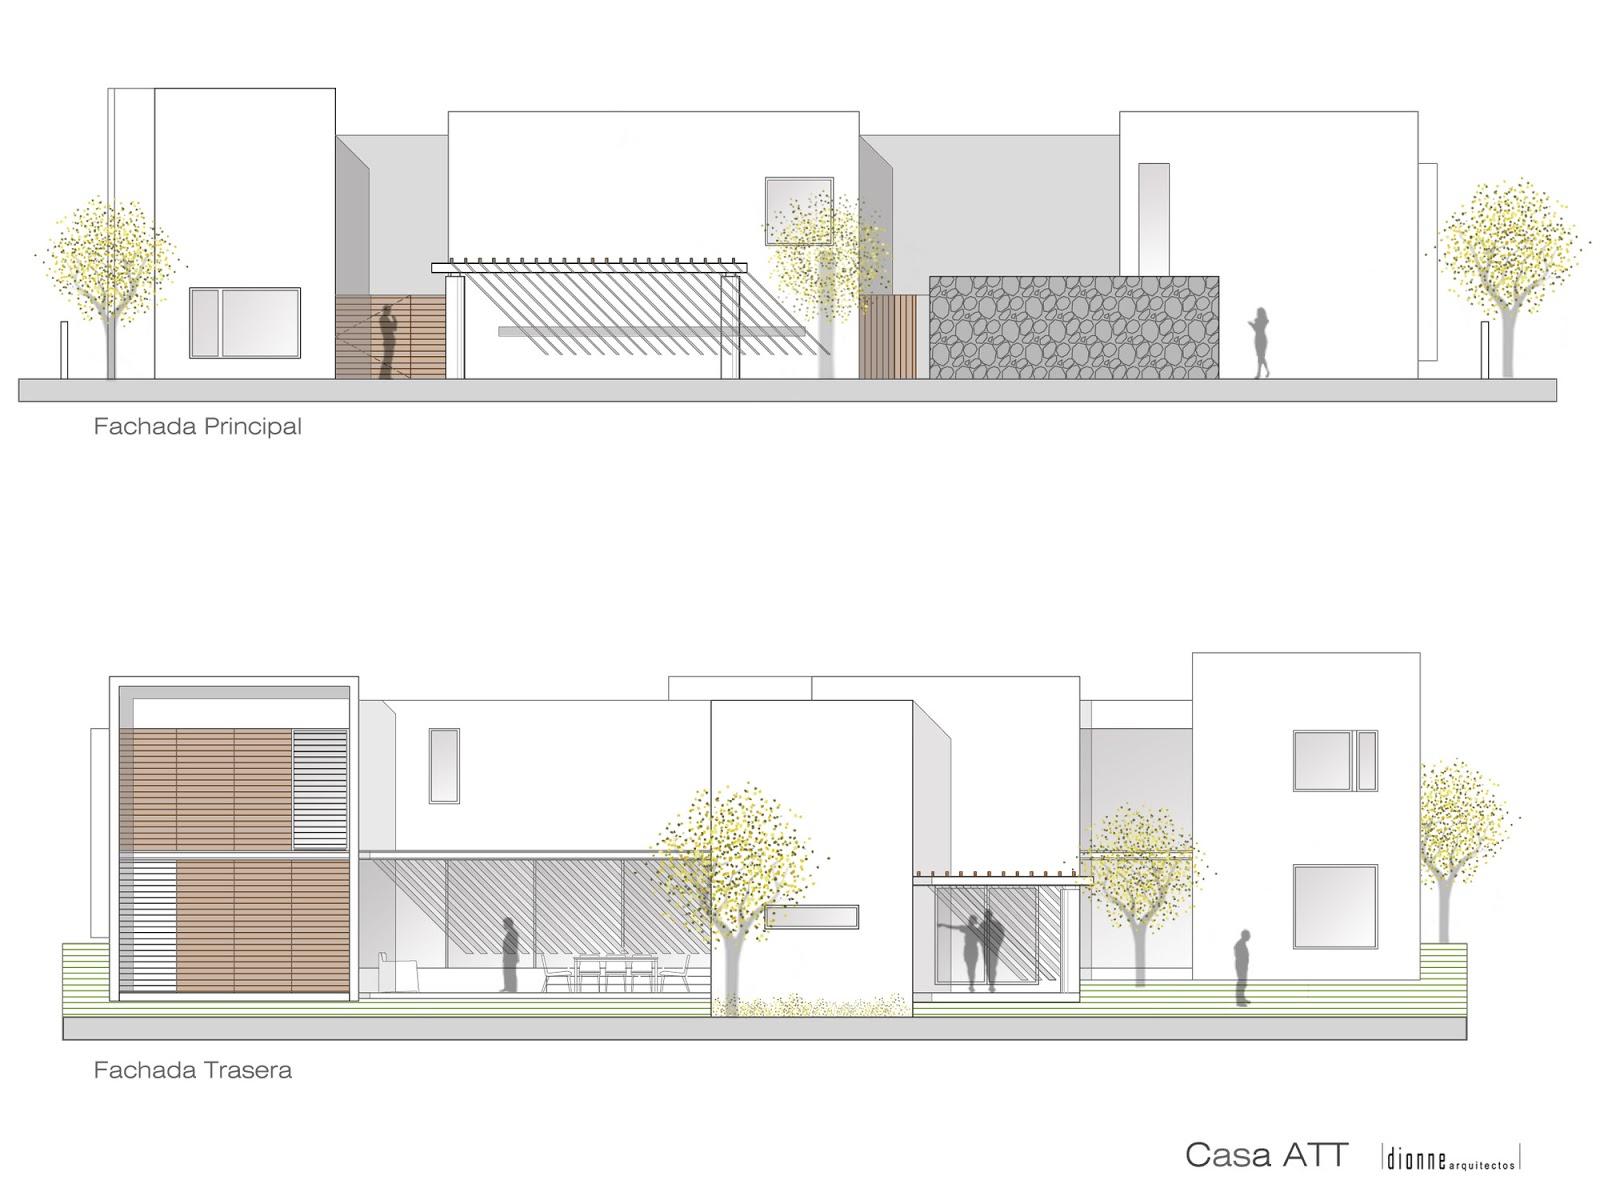 Artes visuales 8 b sico la merced elementos del lenguaje for Representacion arquitectonica en planos